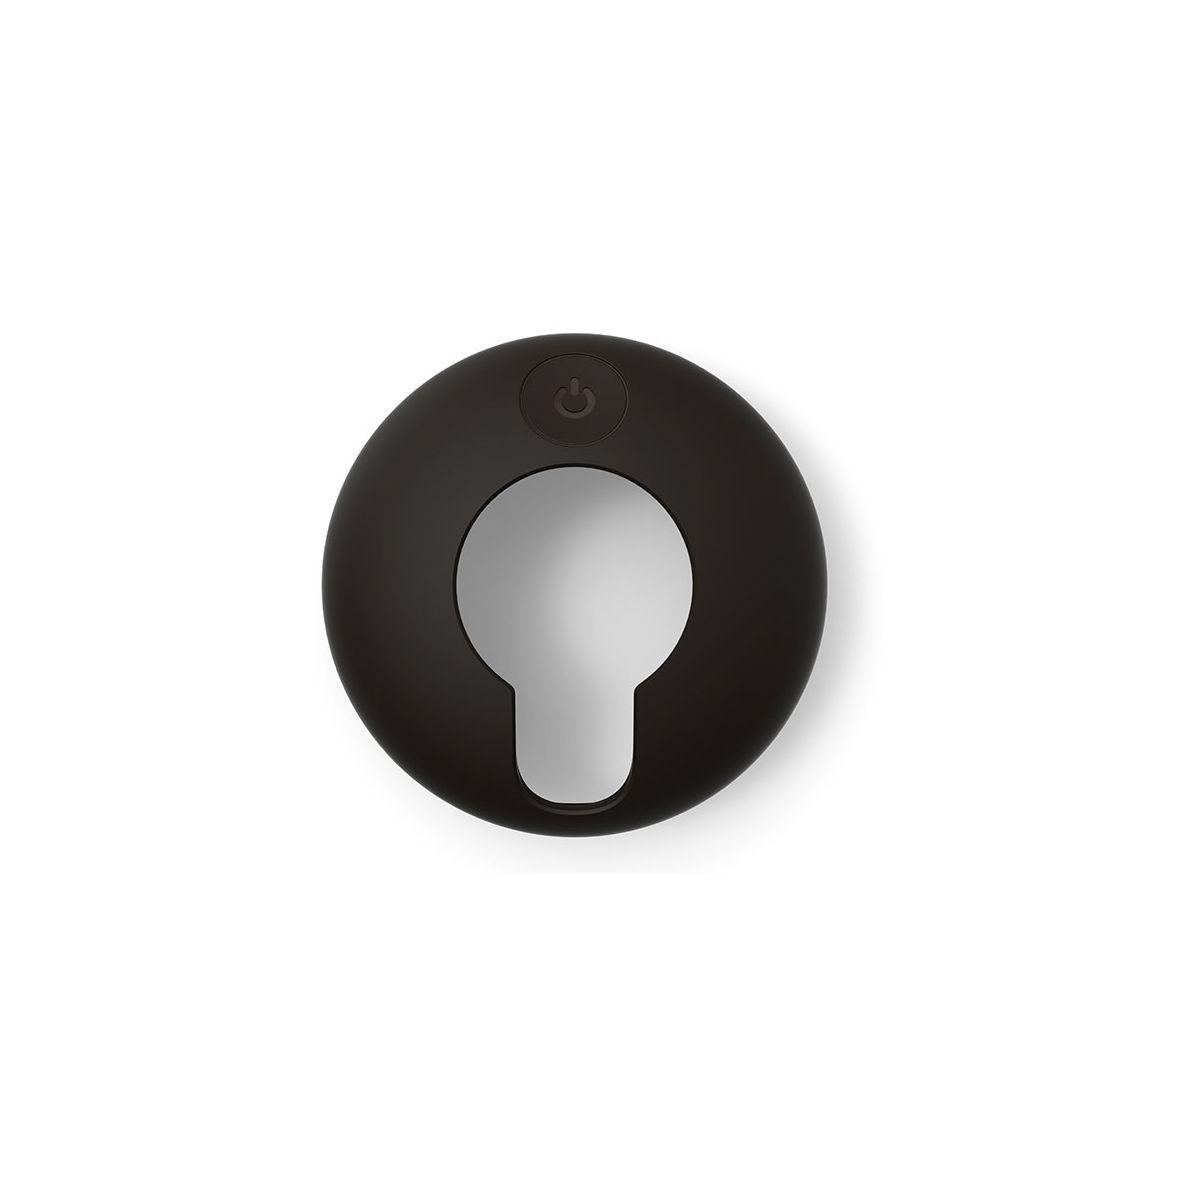 Coque TOMTOM Coque protection silicone Noire VIO